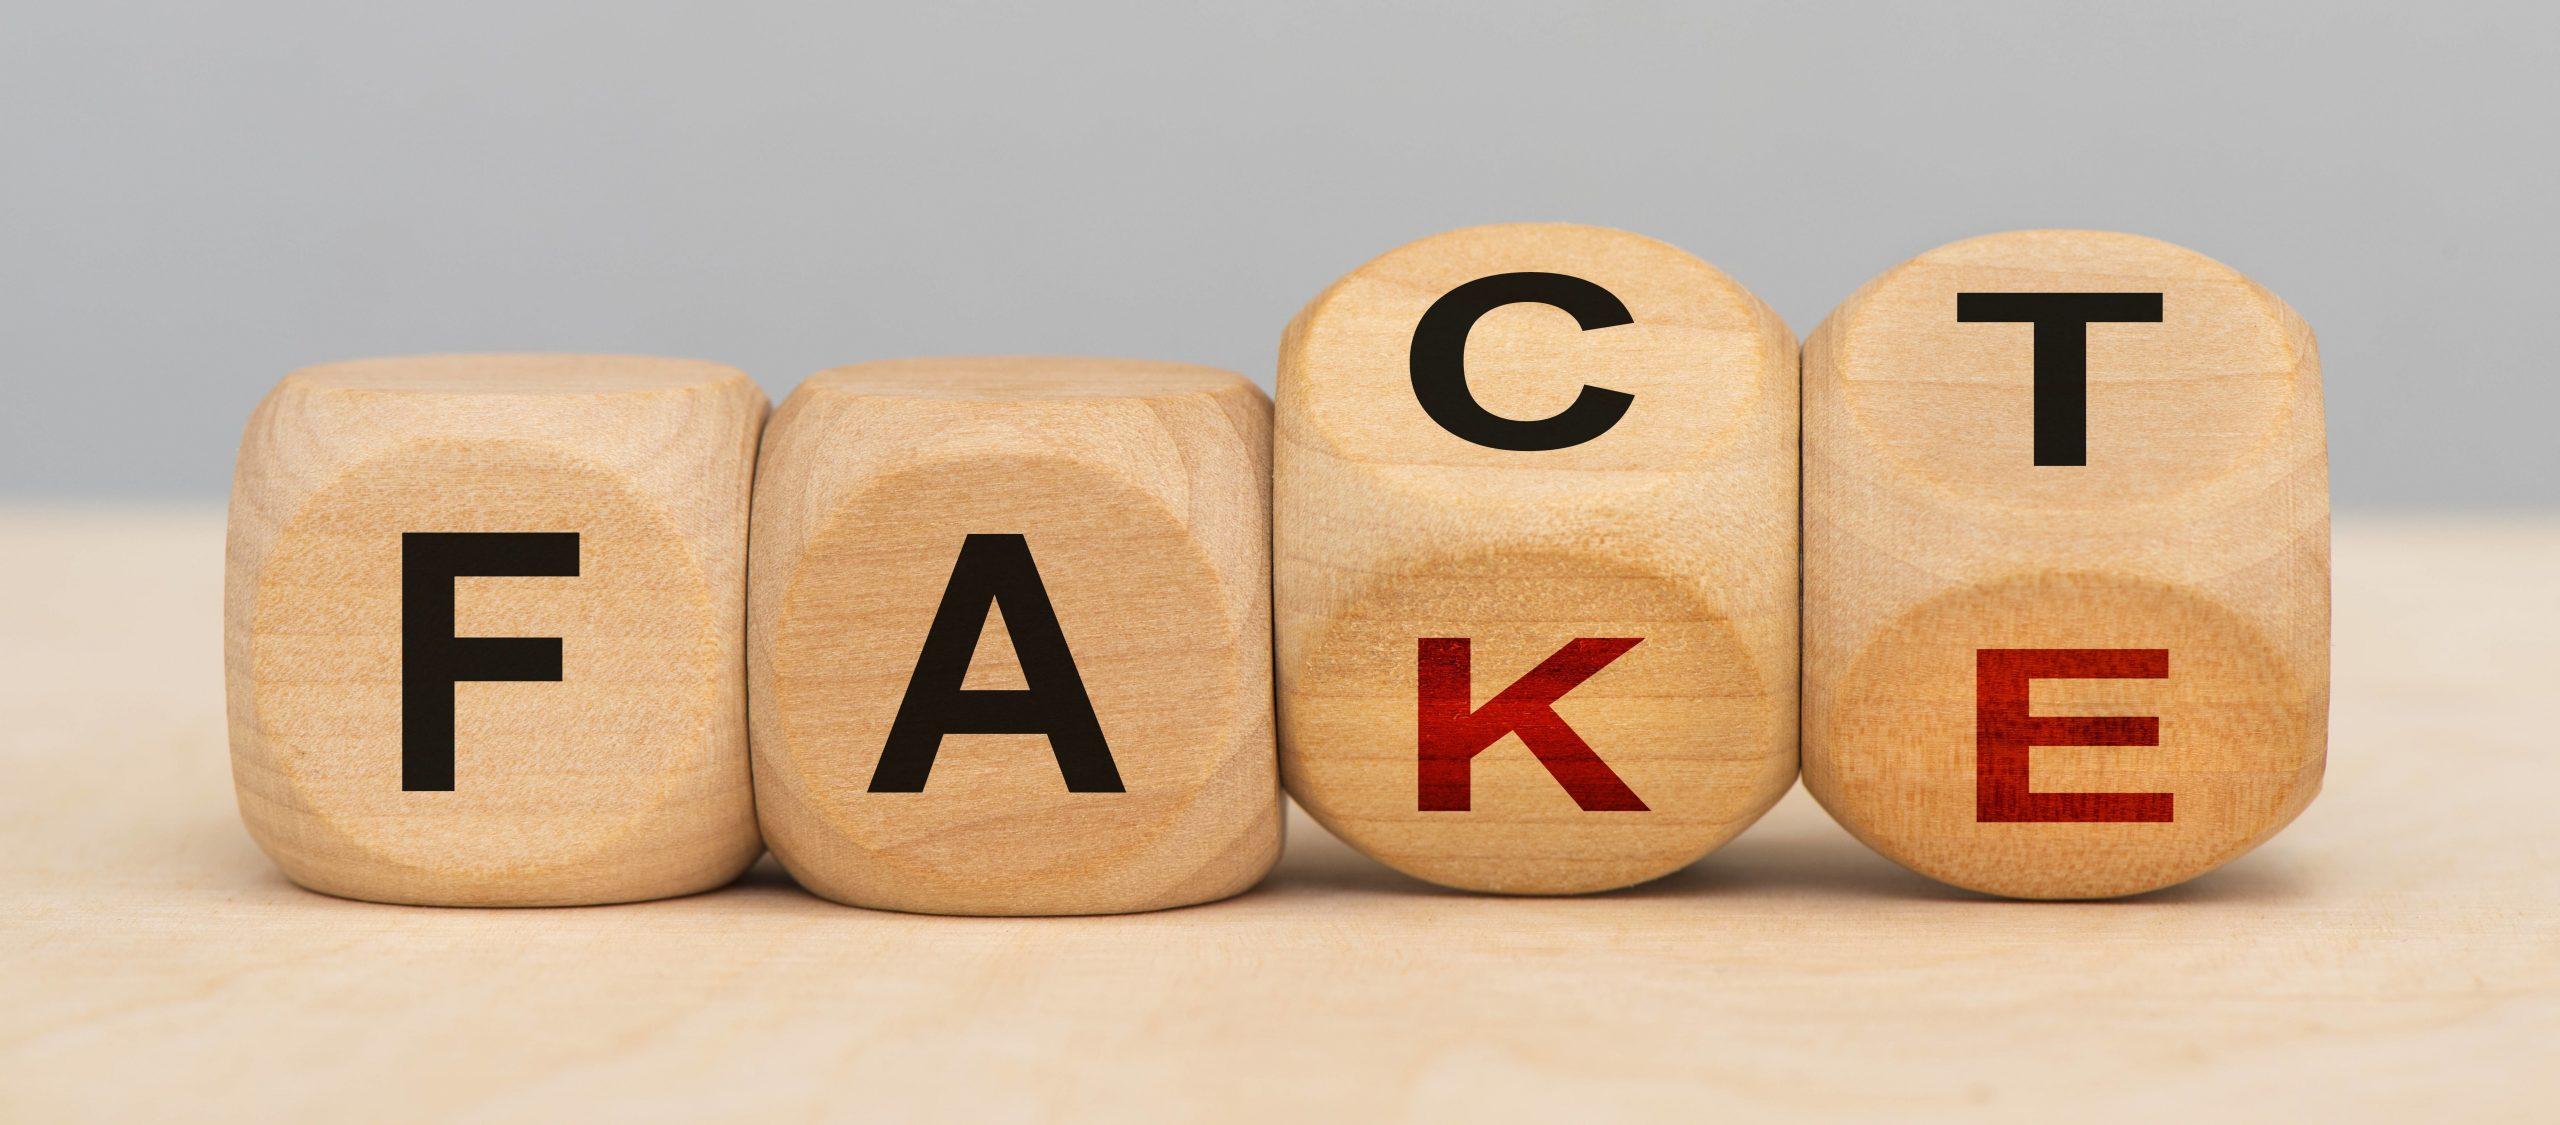 Fact und fake gedruckt auf Holzwürfel